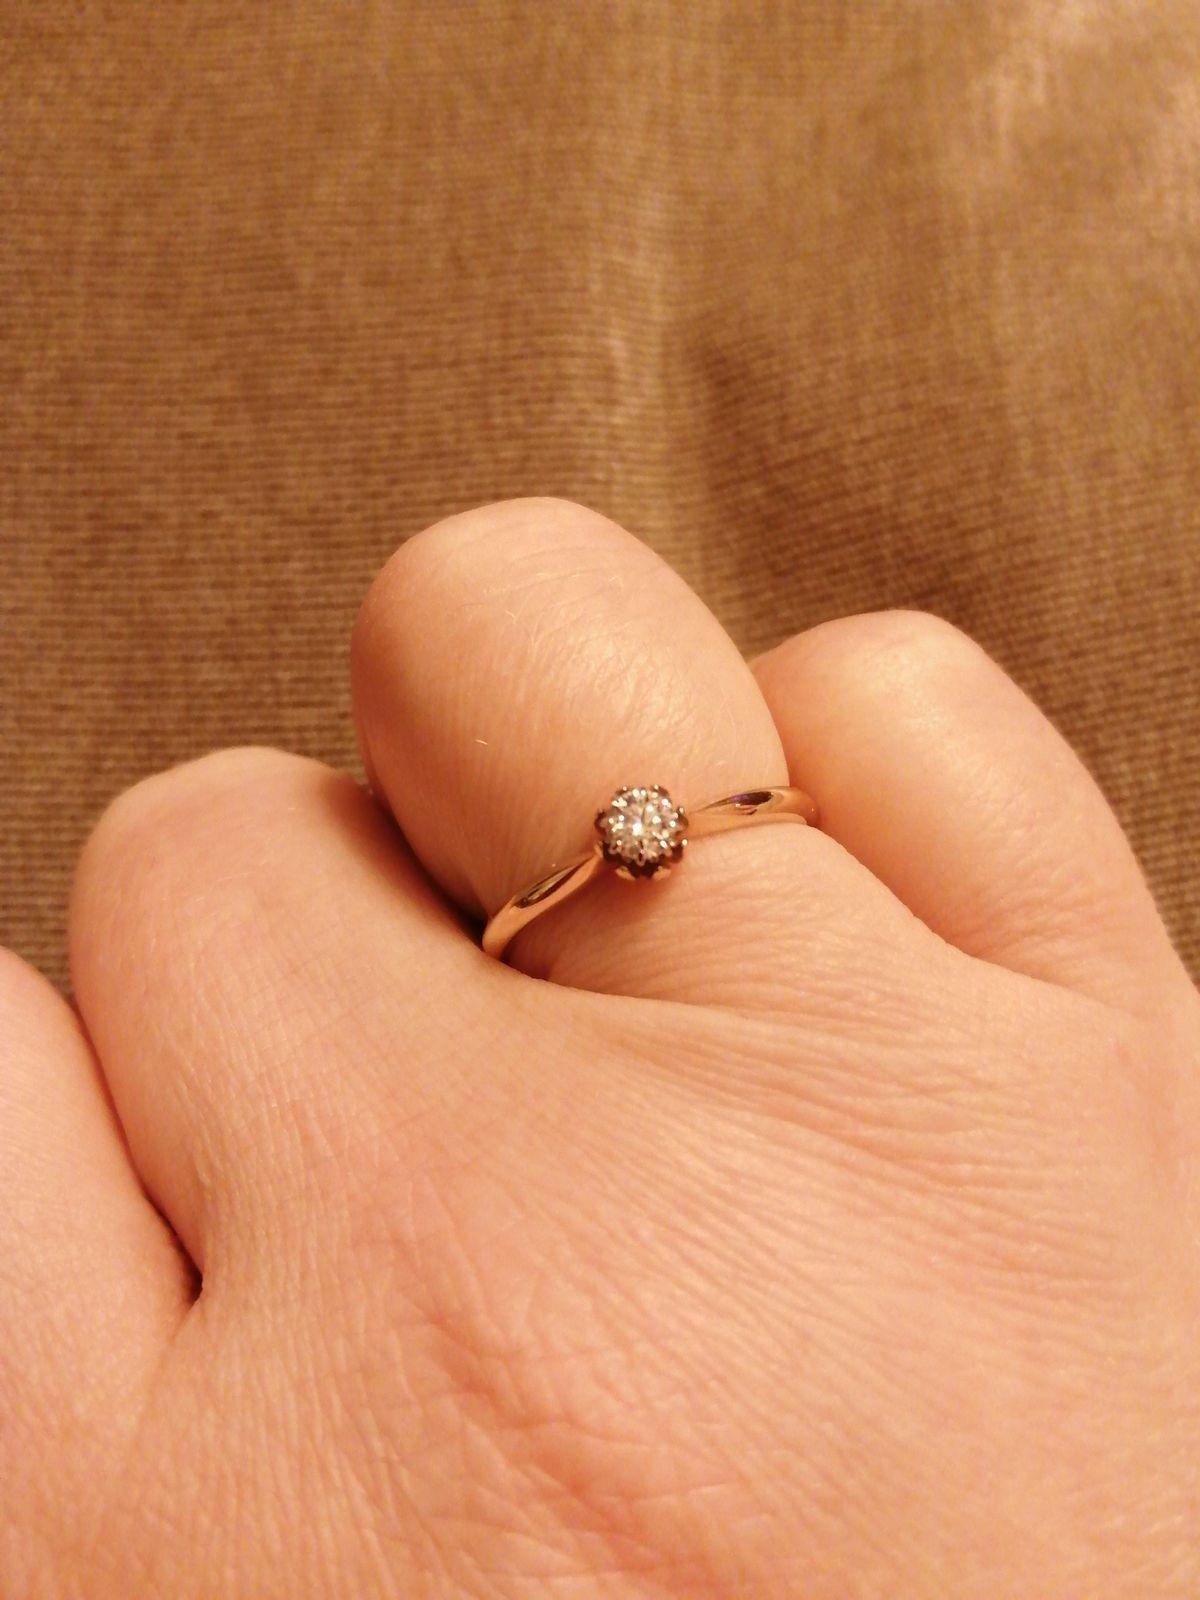 Кольцо с бриллиантом, а-ля винтаж